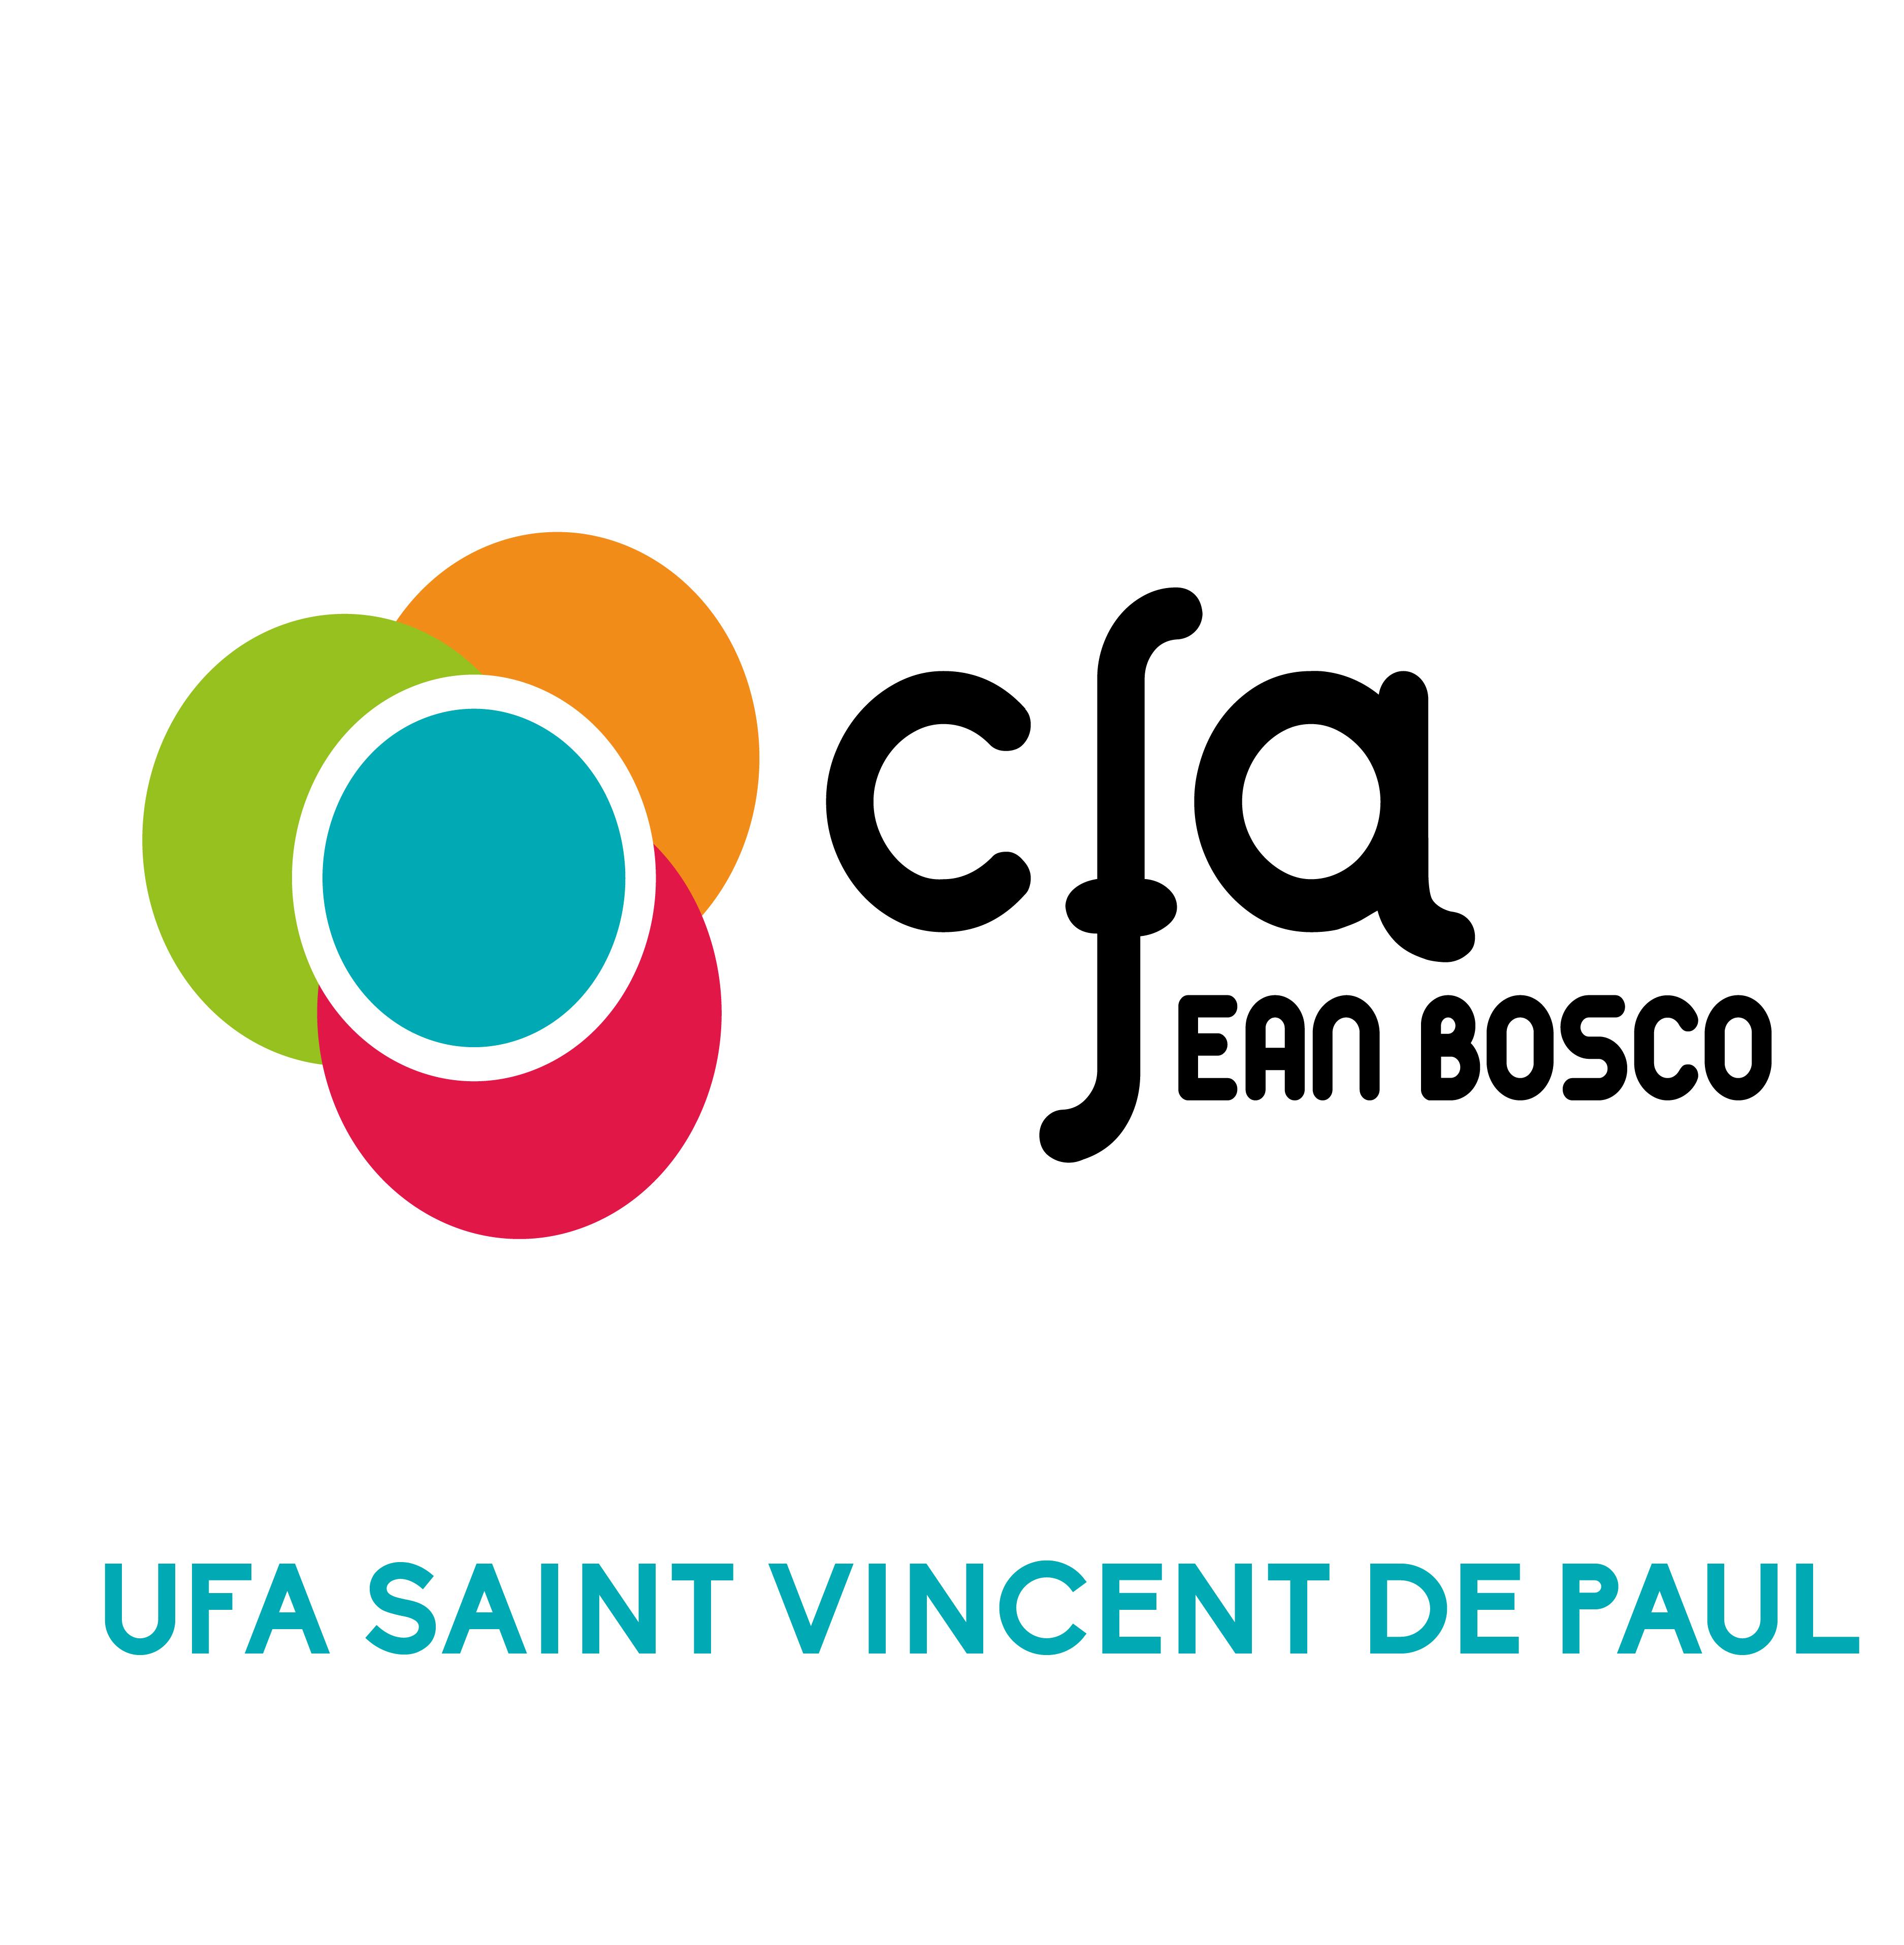 LOGO CFA-SAINT-VINCENT-DE-PAUL